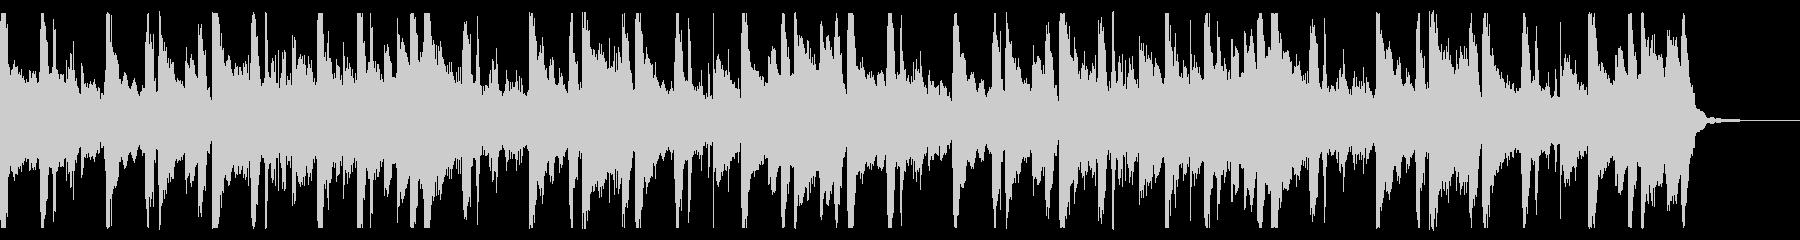 ローファイヒップポップ_No587_4の未再生の波形